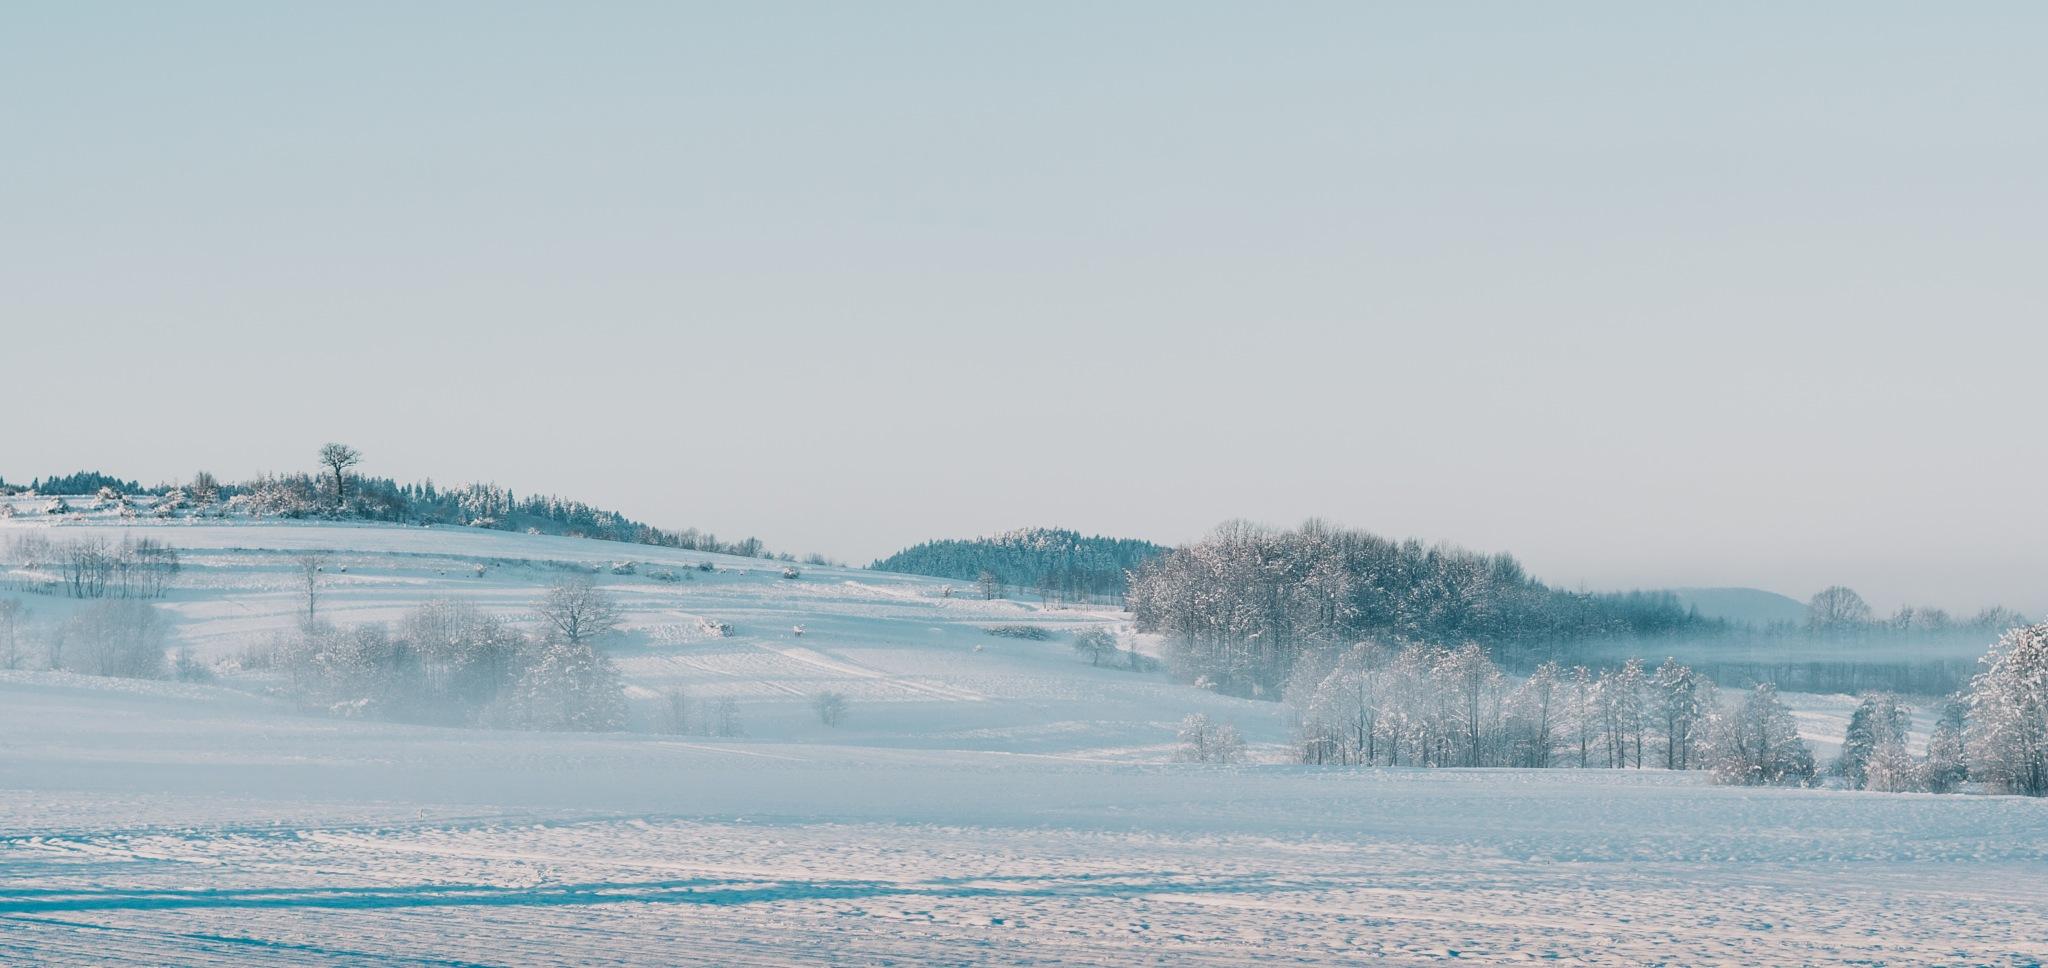 Winter by Szymon Maciejczyk